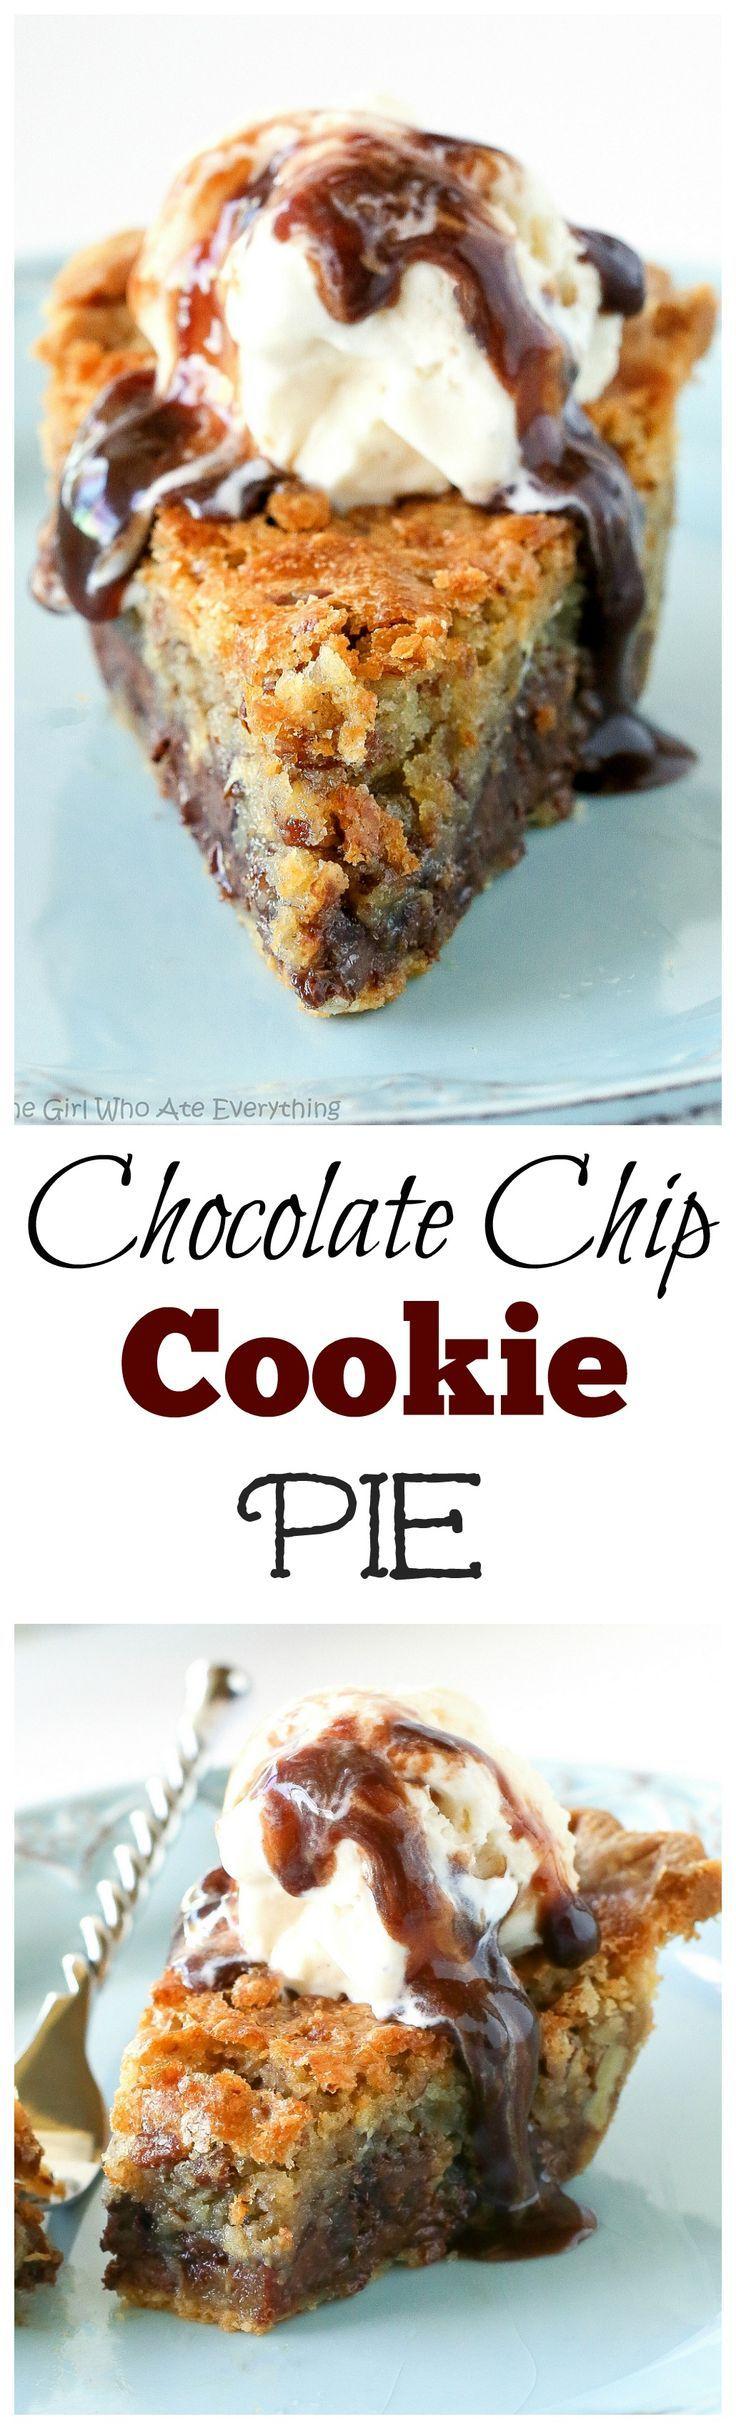 Chocolate Chip Pie